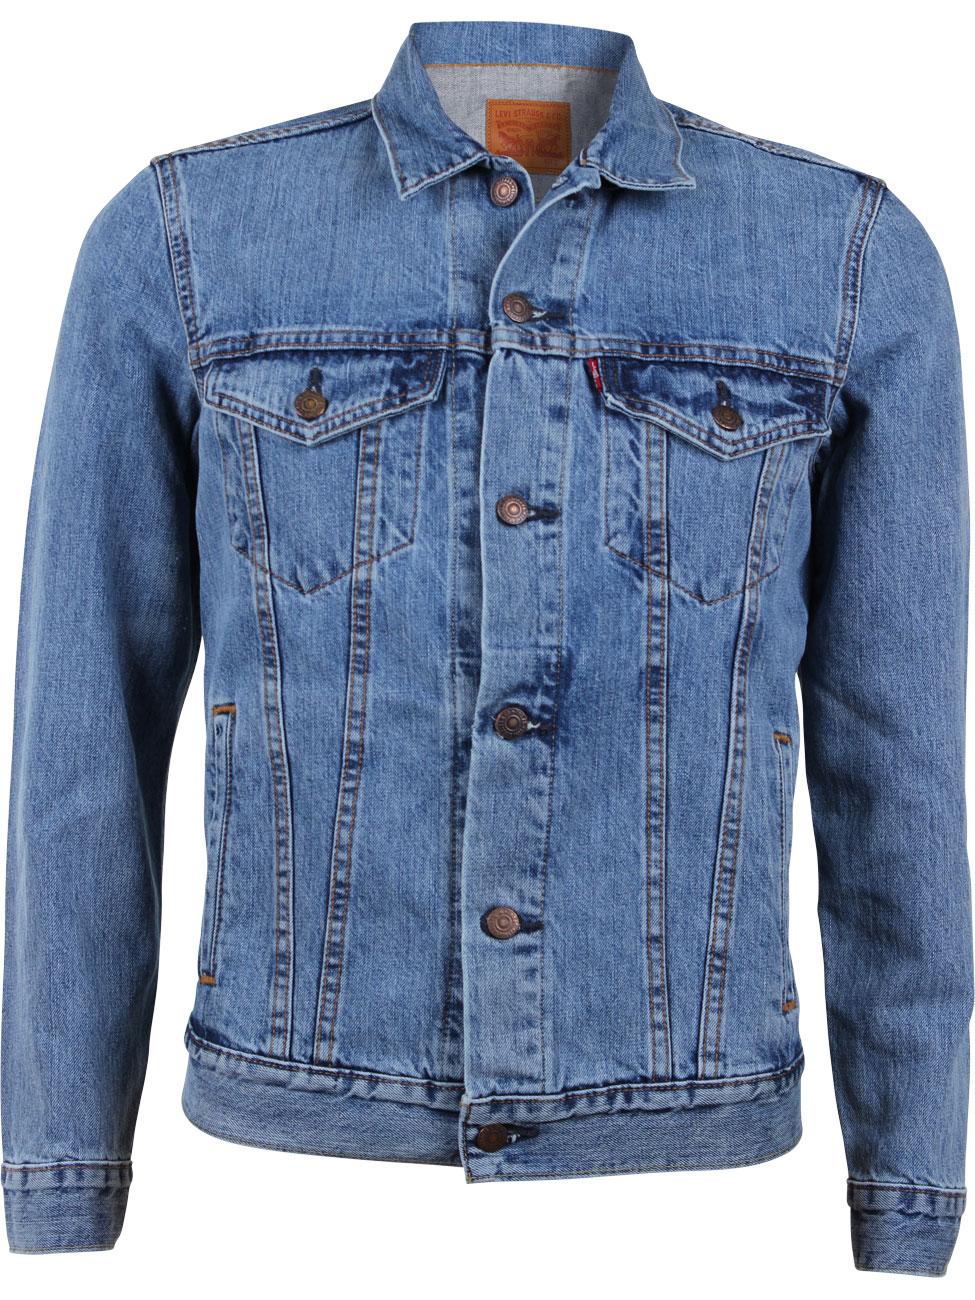 20% Rabatt auf alles bei Jeans Direct (MBW: 50€), z.B. Levi's 501 in versch. Waschungen für 47,96€ zzgl. Versand *letzter Tag*